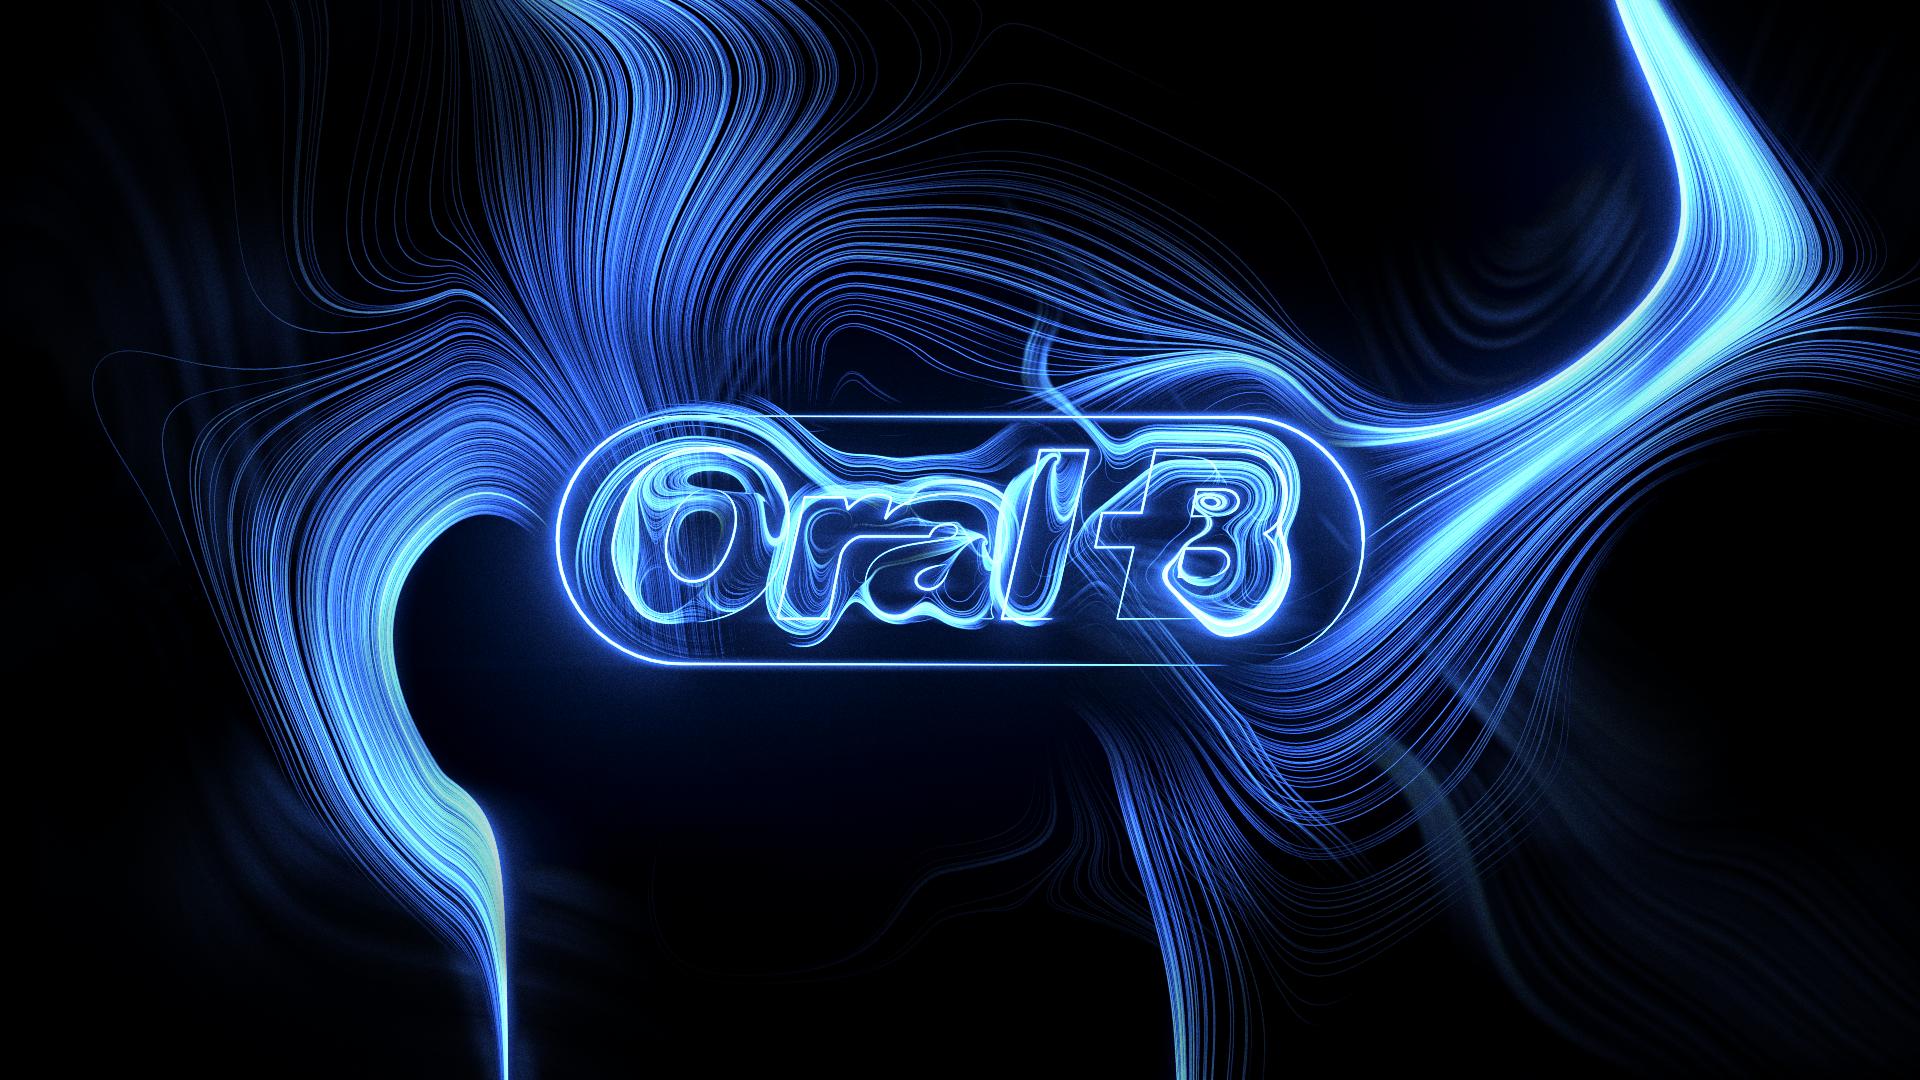 OralB_Endtag__LightLines_03_Wide__v001